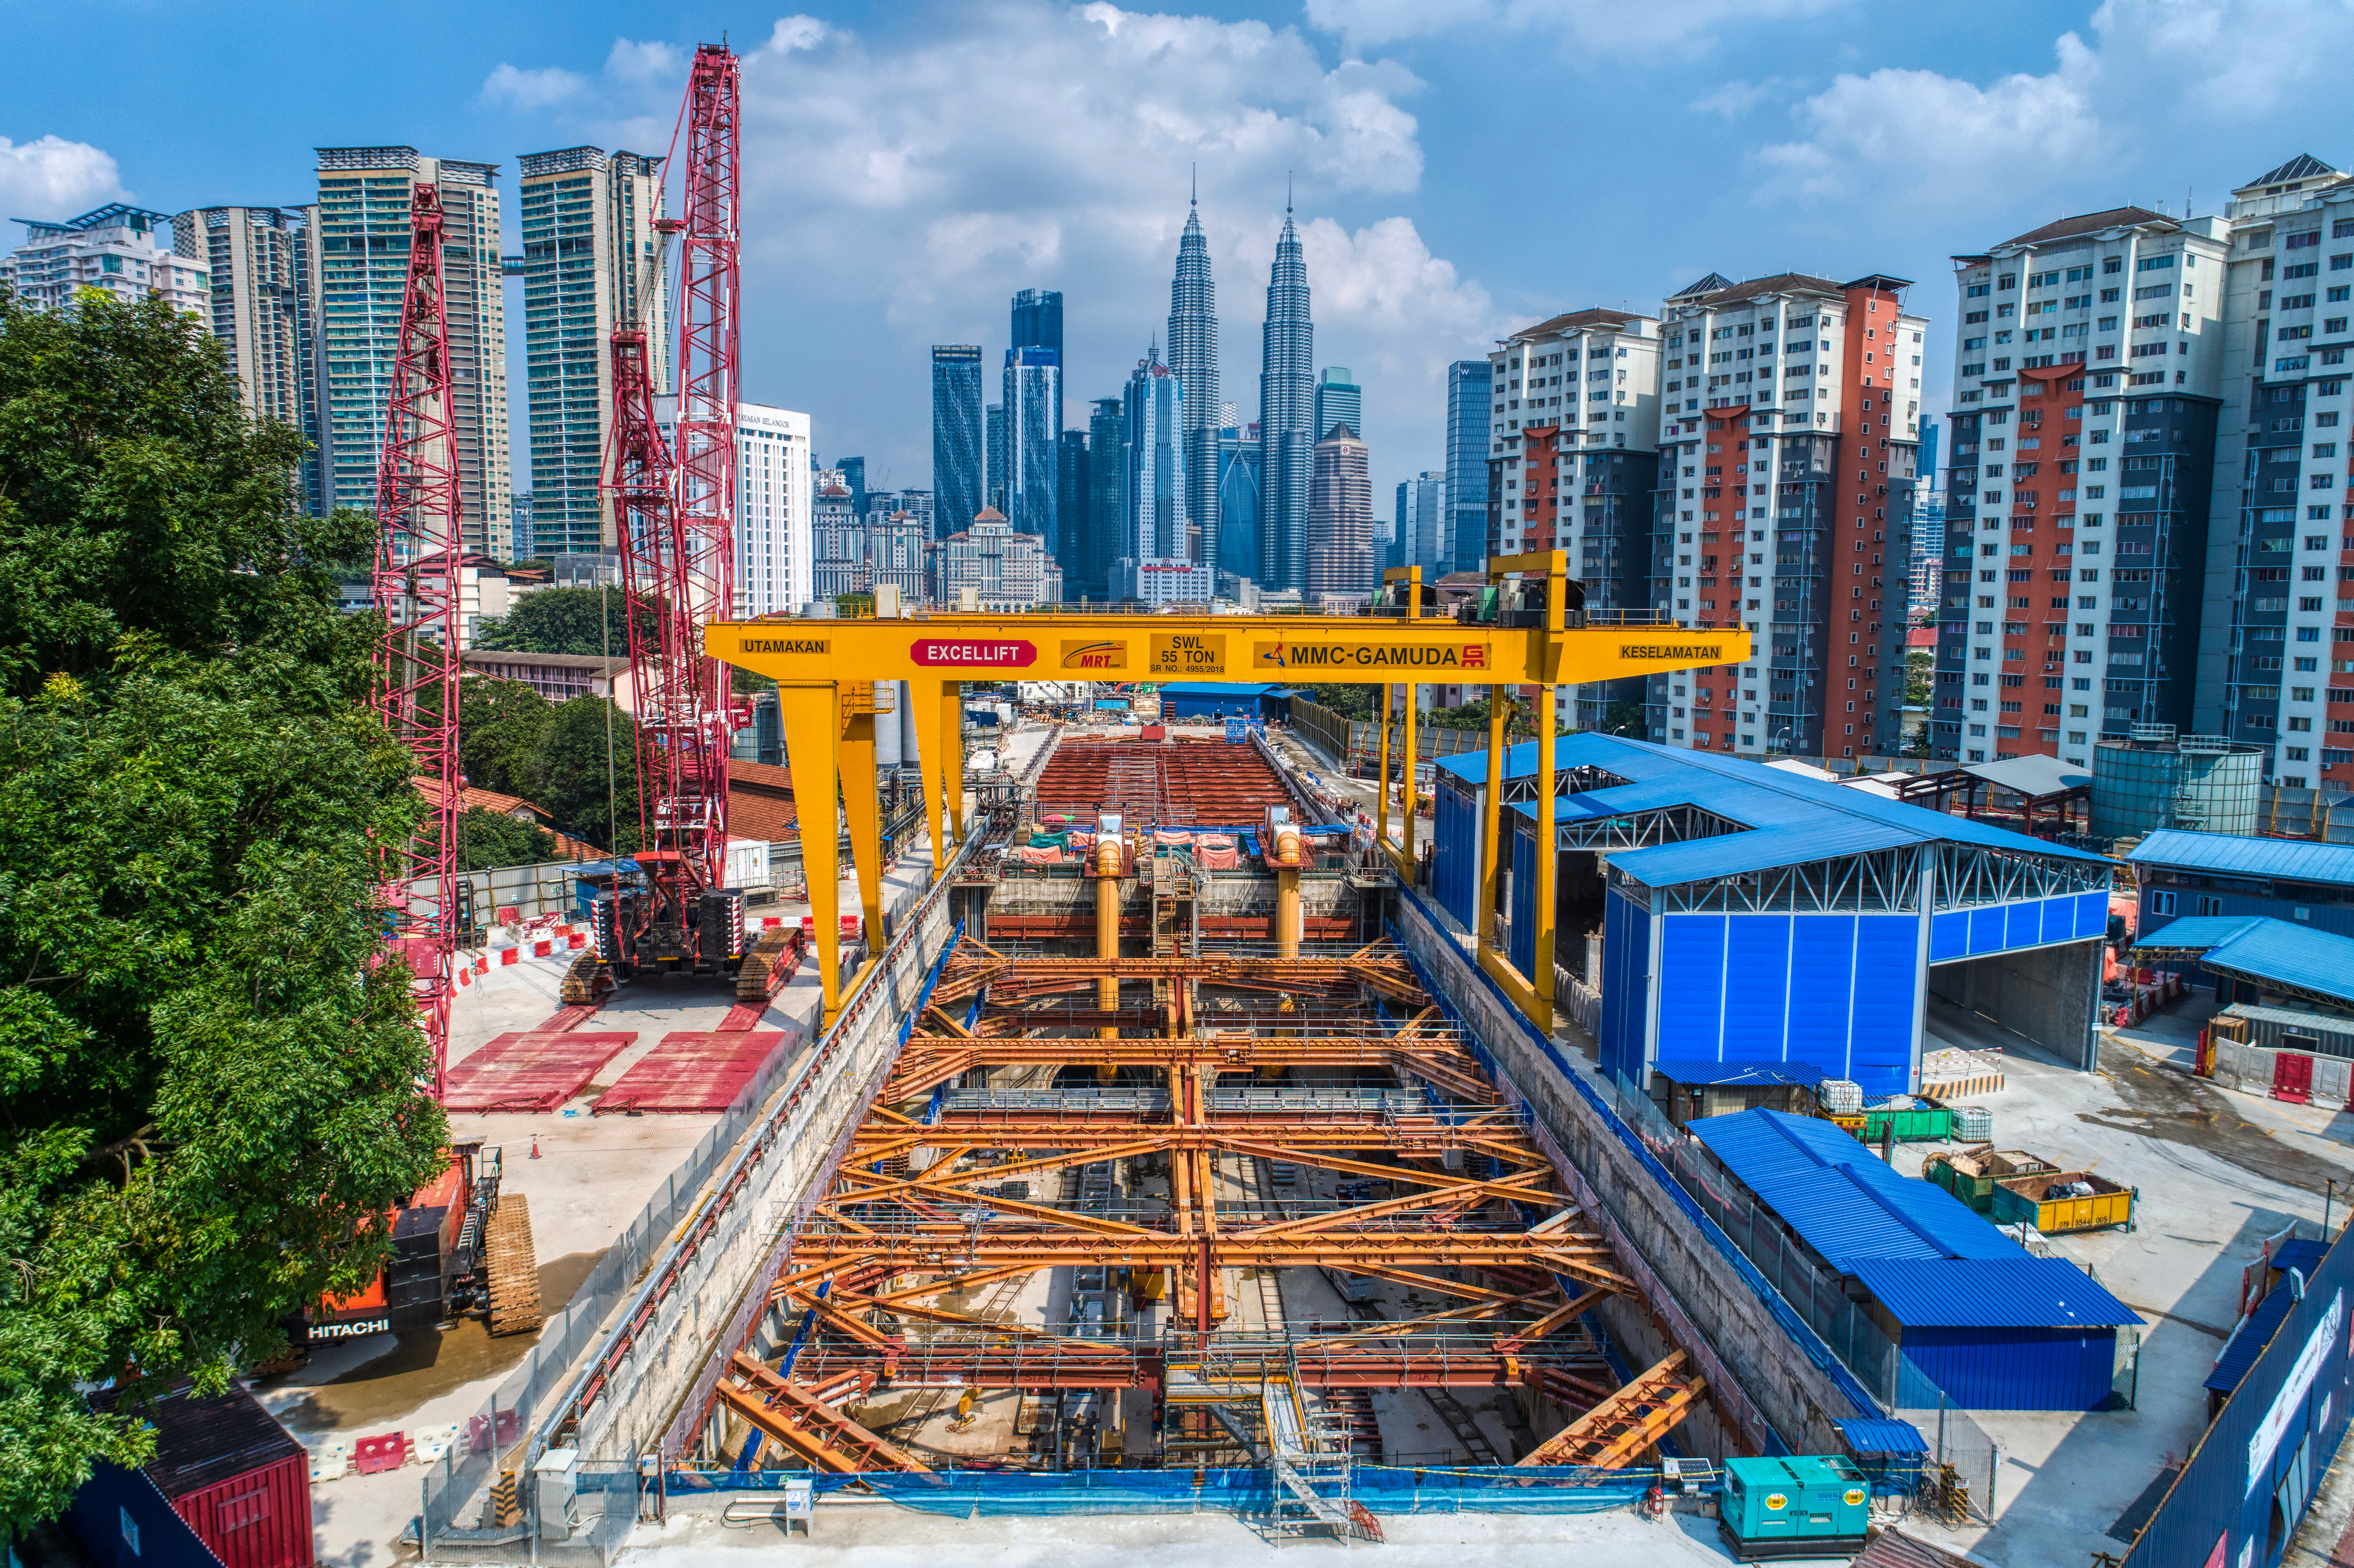 Pandangan udara Persilangan Hospital Kuala Lumpur dan Syaf Penyelenggaraan 1 menunjukkan kerja-kerja terowong sedang dijalankan ke Stesen MRT Ampang Park dan pengambilan semula mesin pengorek terowong dari Stesen MRT Titiwangsa.